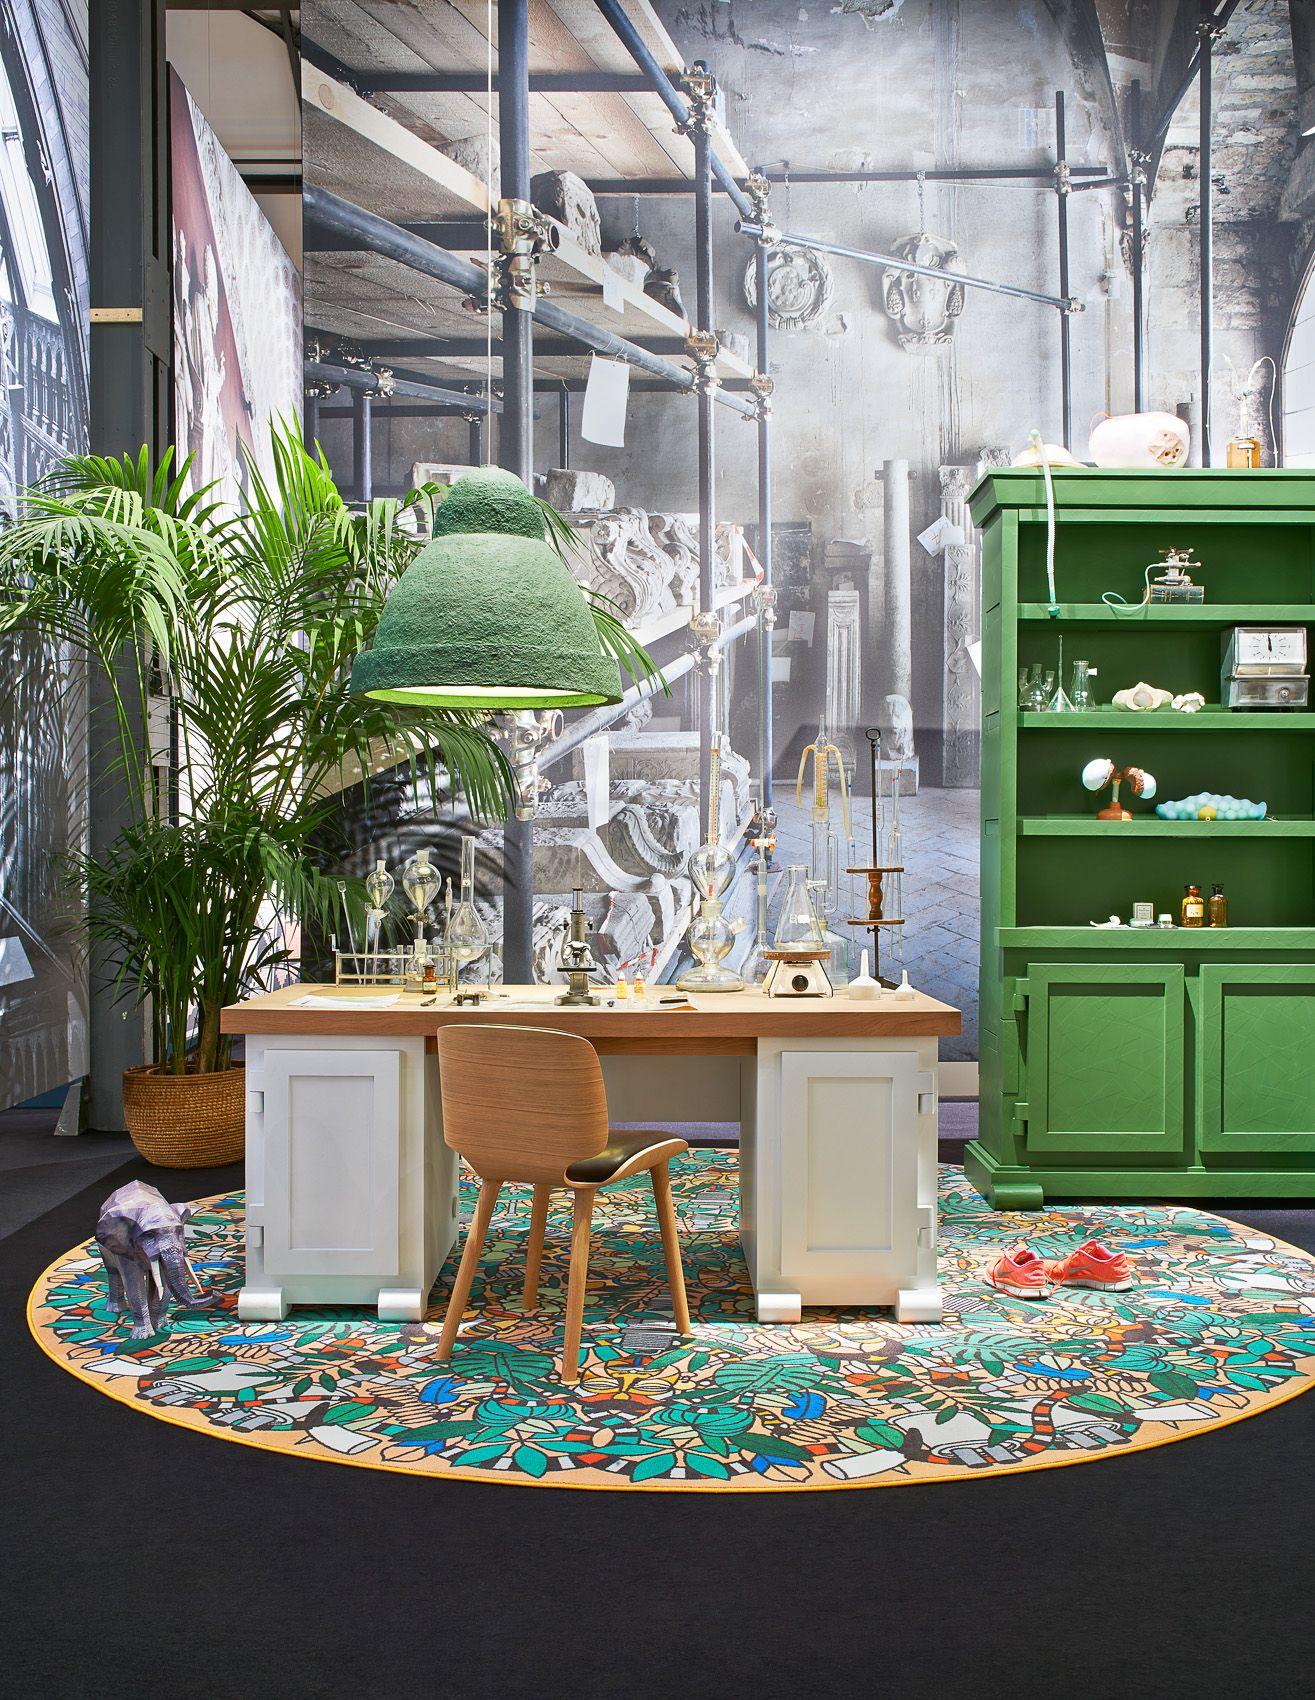 Nut Dining Chair 椅子 荷兰 Moooi 海居汇 进口家具代购 海外家具代购 欧洲家具代购